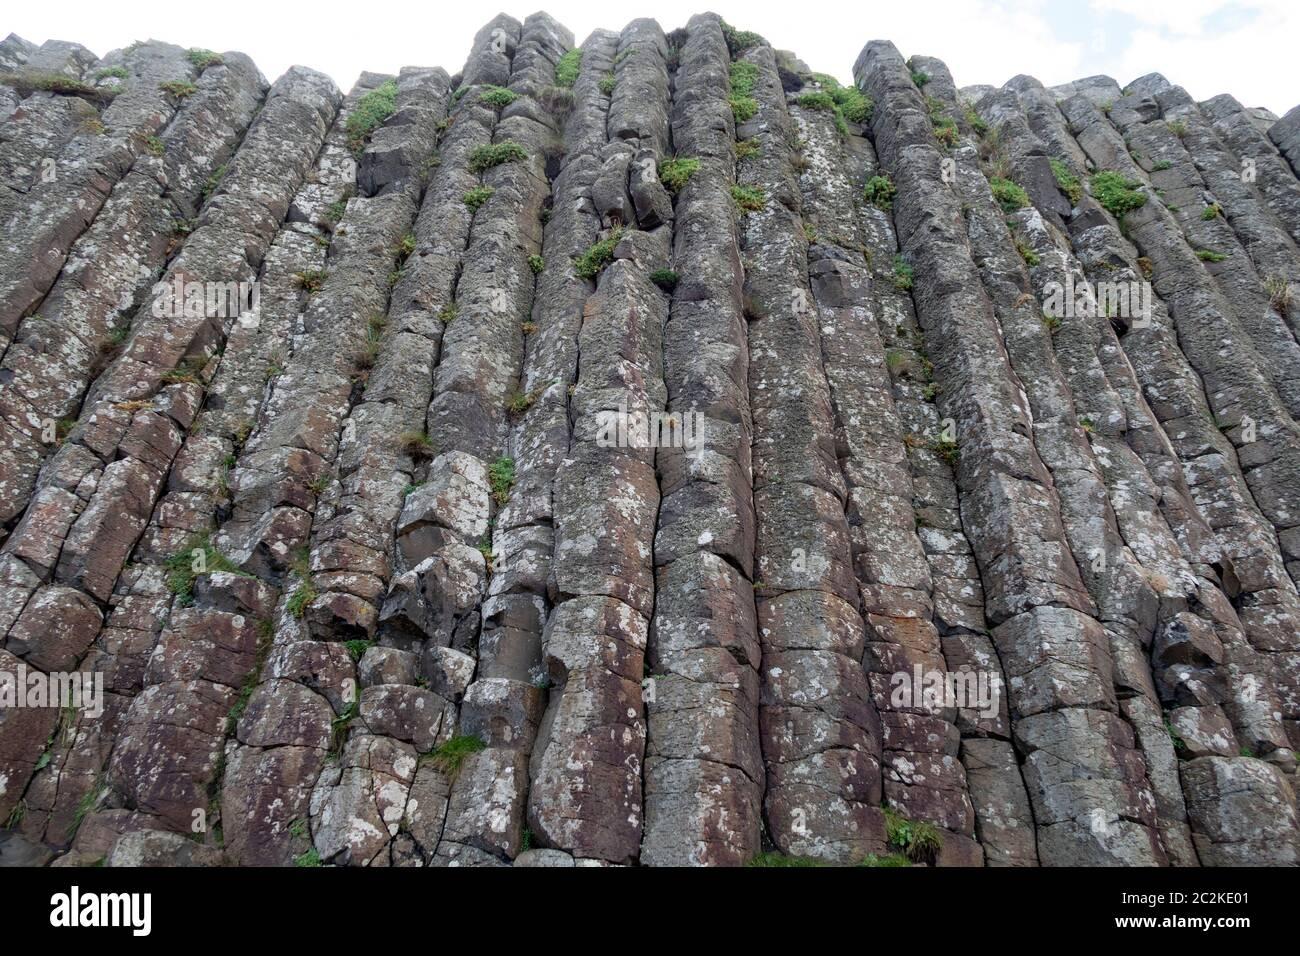 Colonne geometriche di basalto formazioni rocciose al Selciato del gigante, Irlanda del Nord, Europa Foto Stock